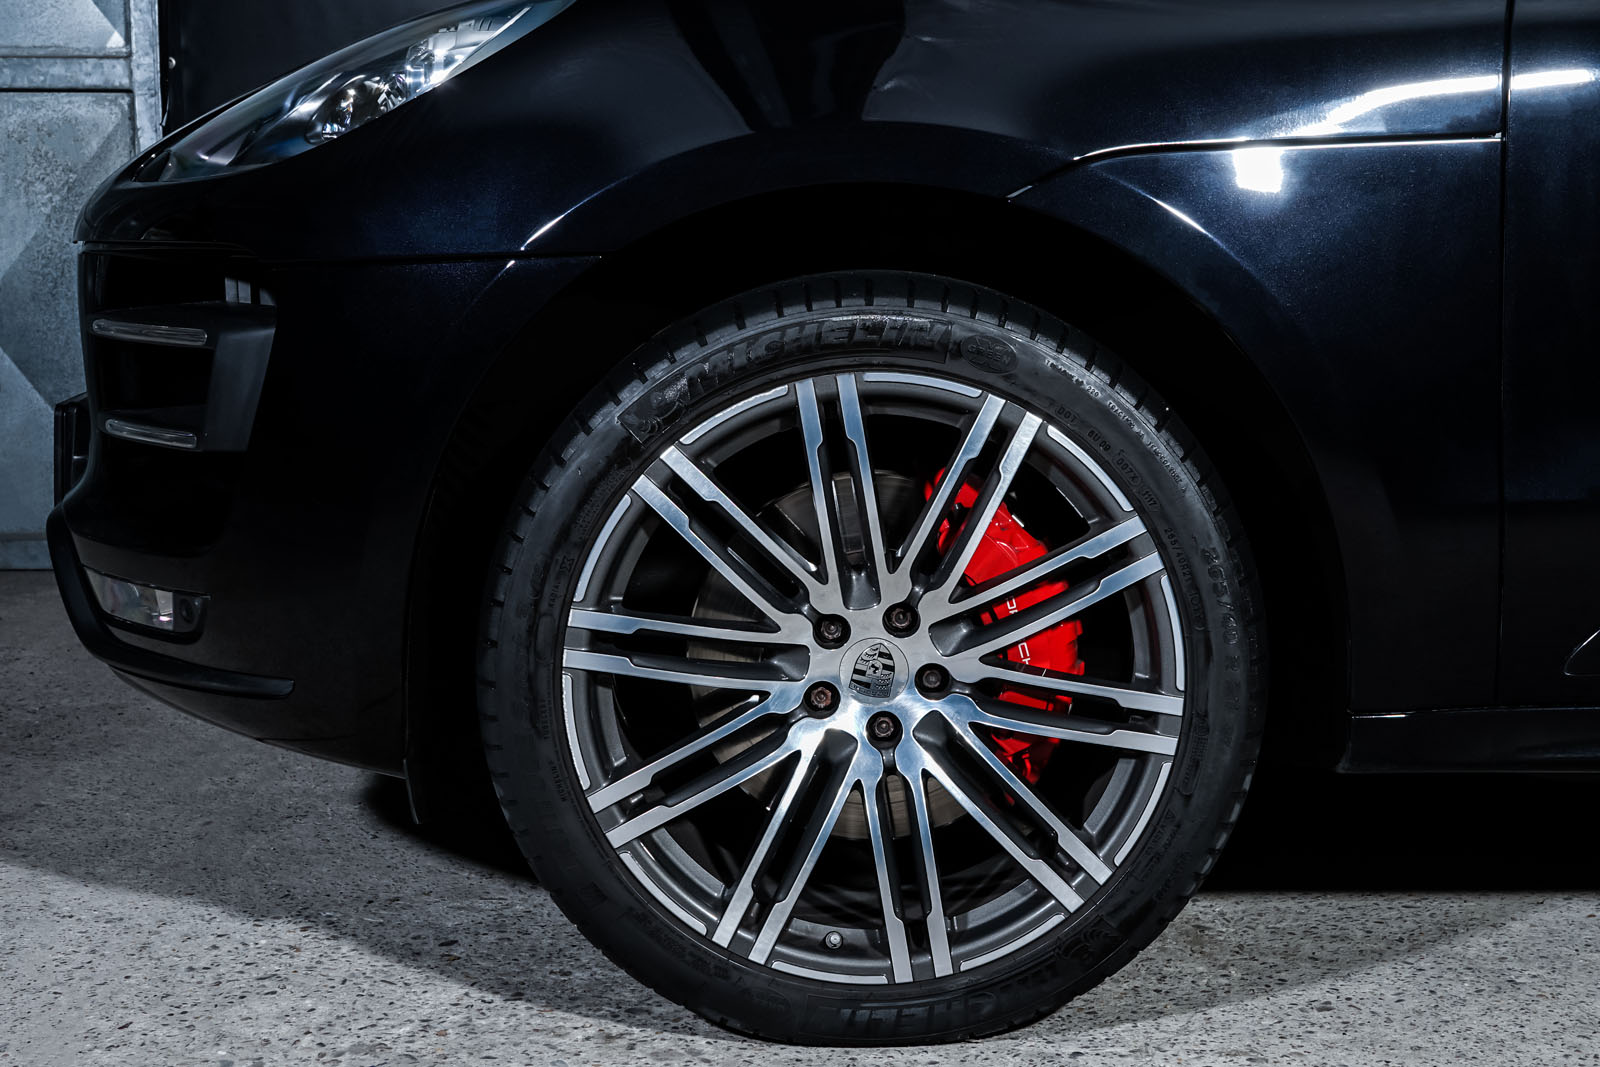 Porsche_Macan_TurboS_Schwarz_Schwarz_POR-2871_3_w